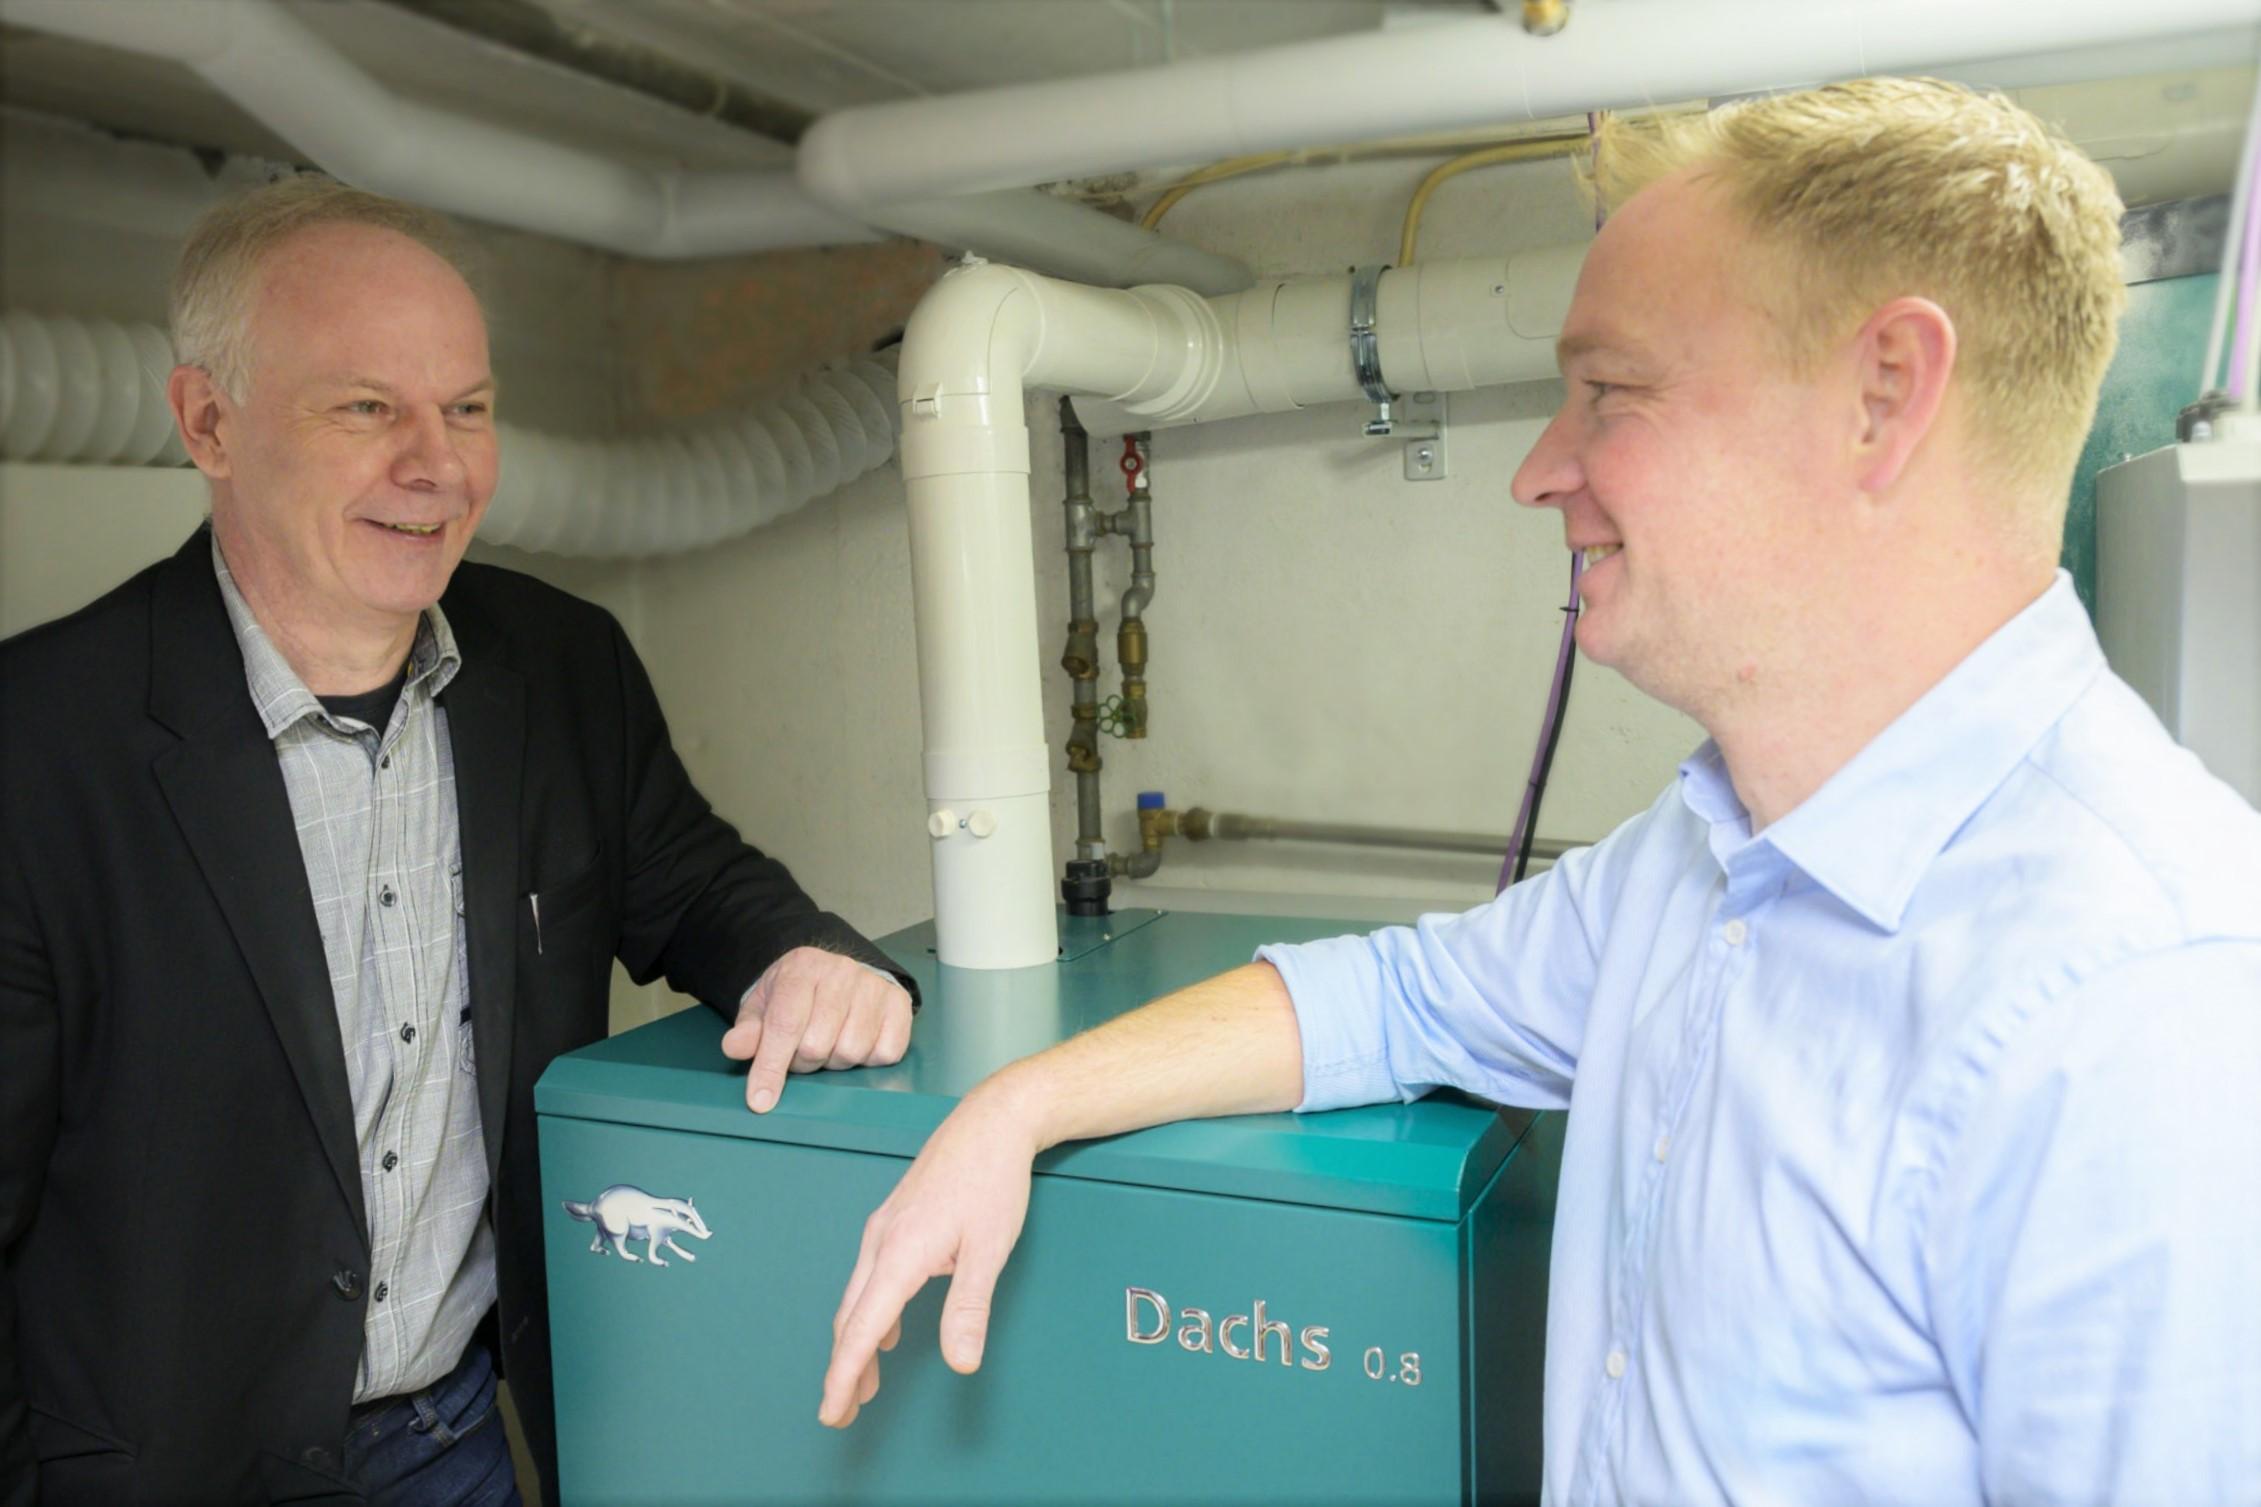 Der Besitzer Herr Fröhlich steht mit Center-Geschäftsführer Peter Löser im Keller bei seinem neuen Dachs 0.8 mit Brennstoffzelle.